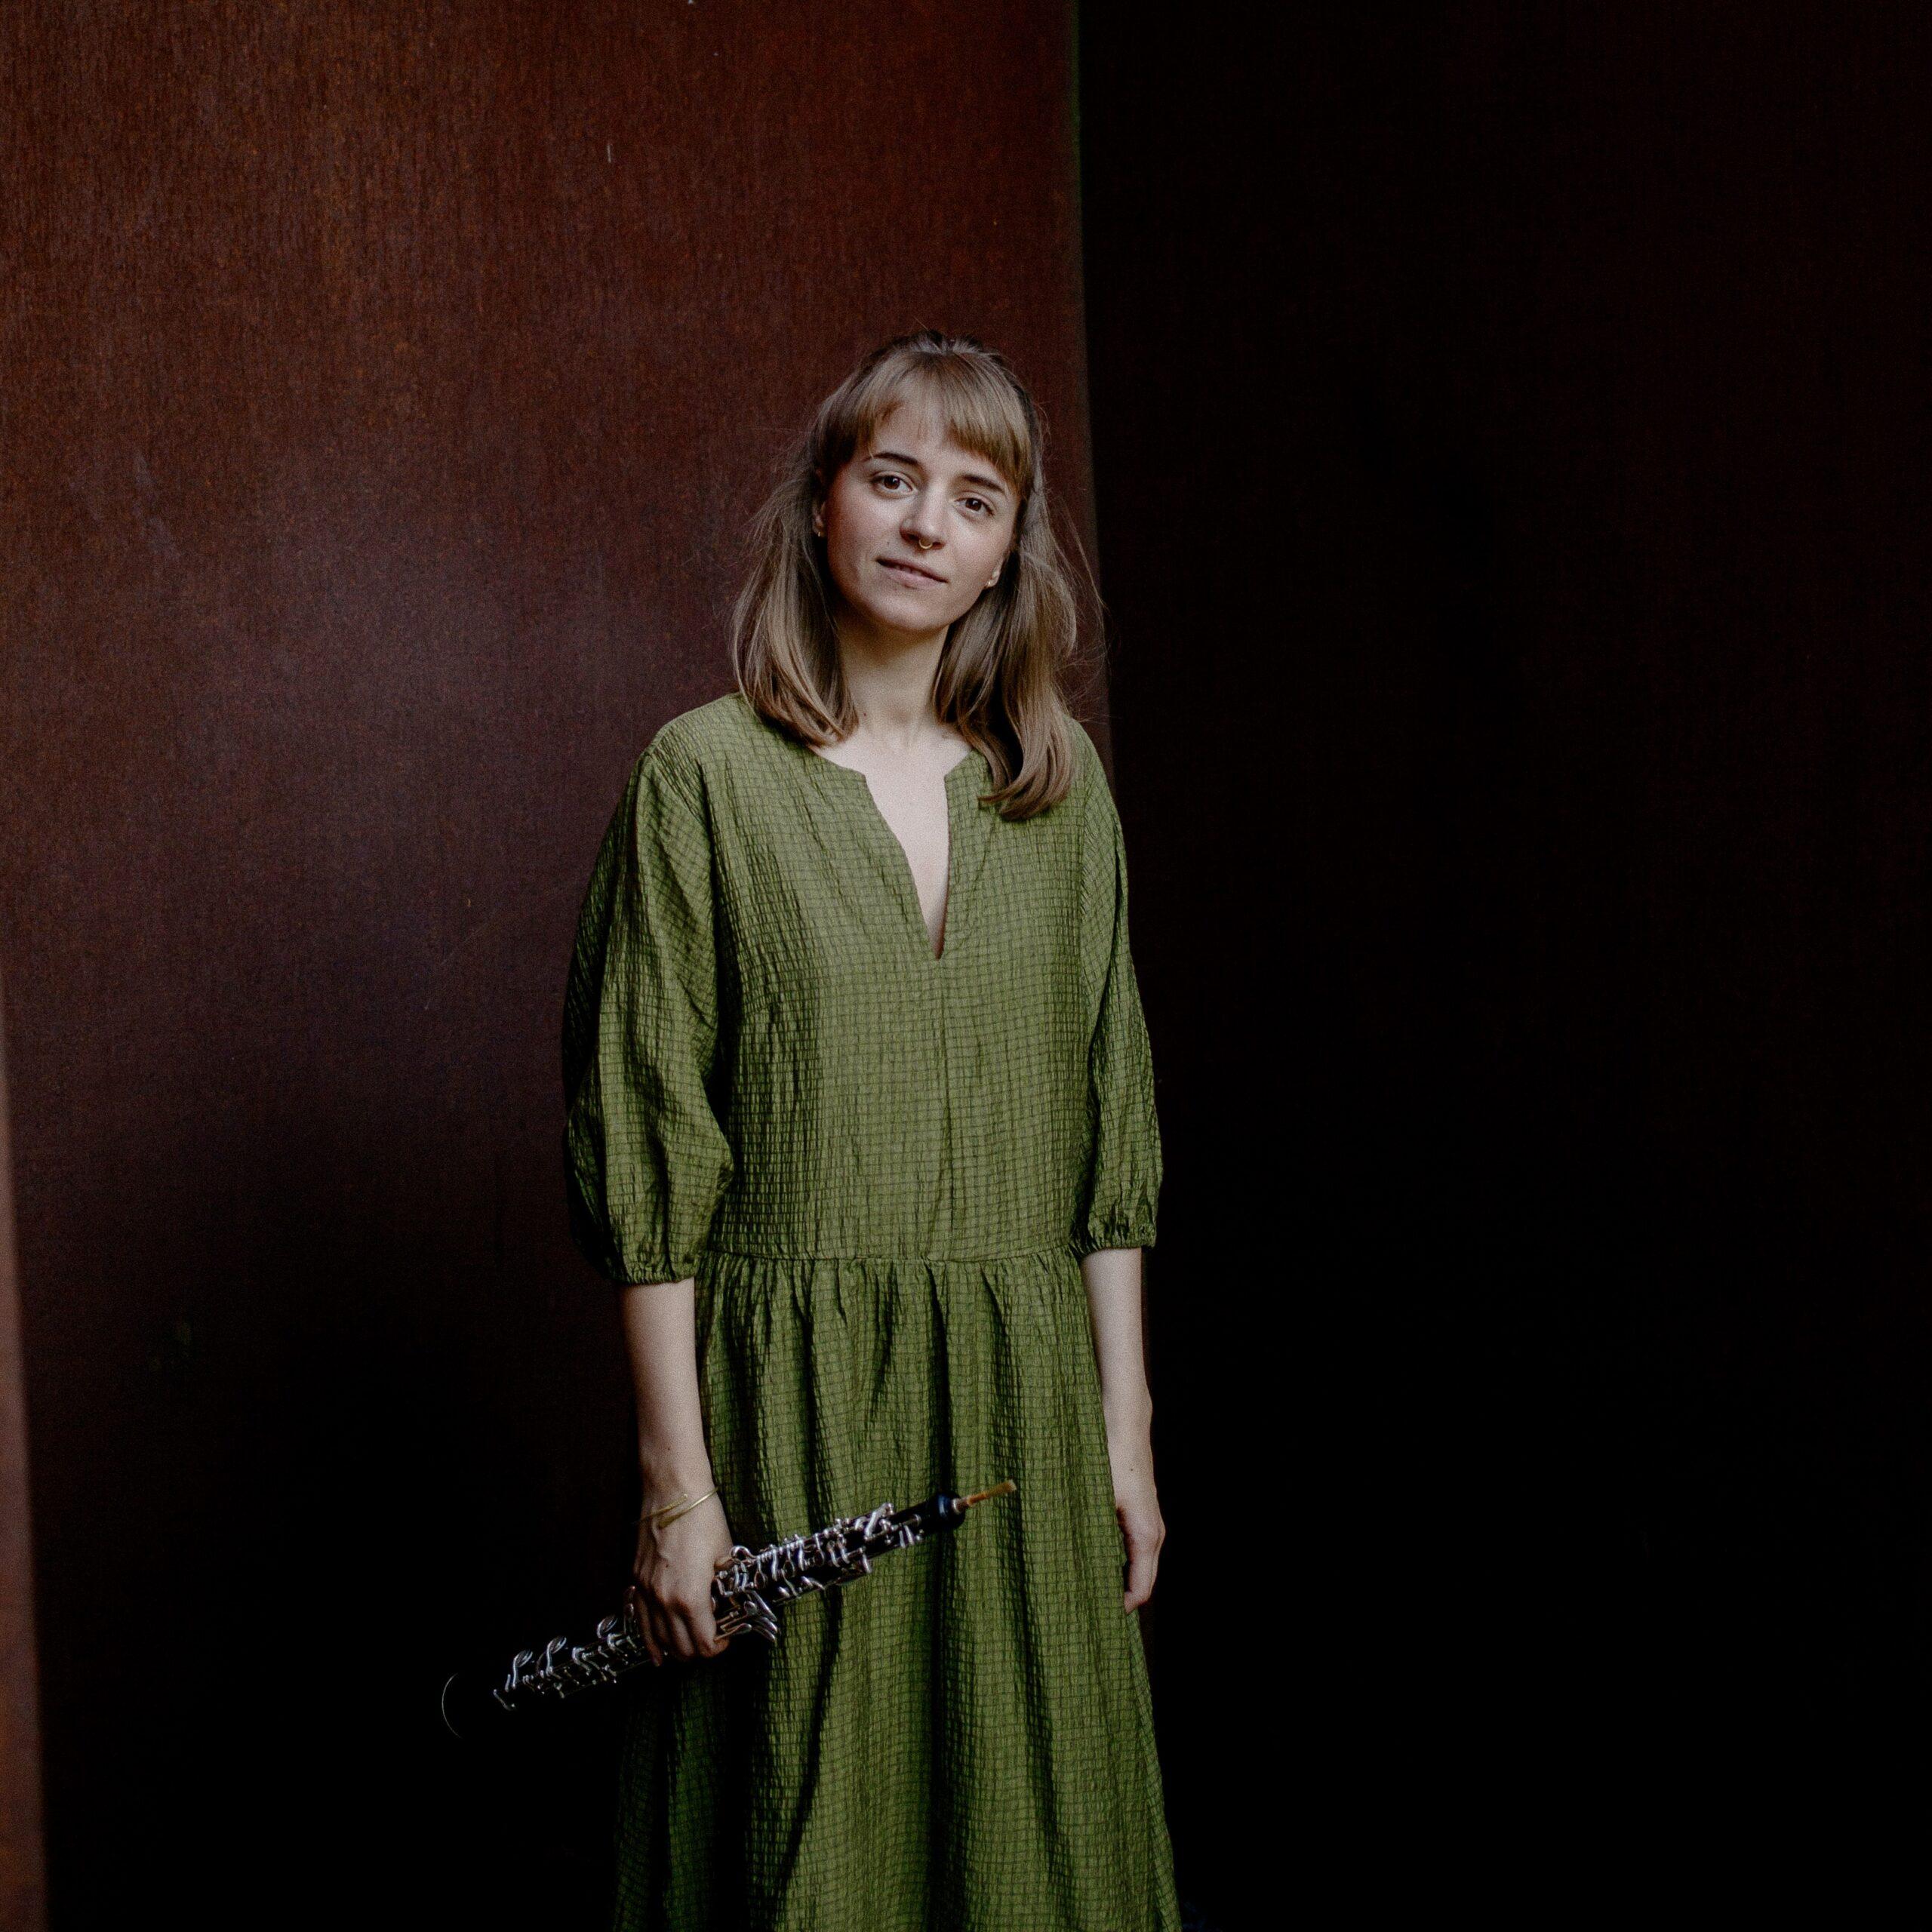 Miriam Hanika bekam das Musikstipendium und ist nominiert für den deutschen Preis der Schallplattenkritik